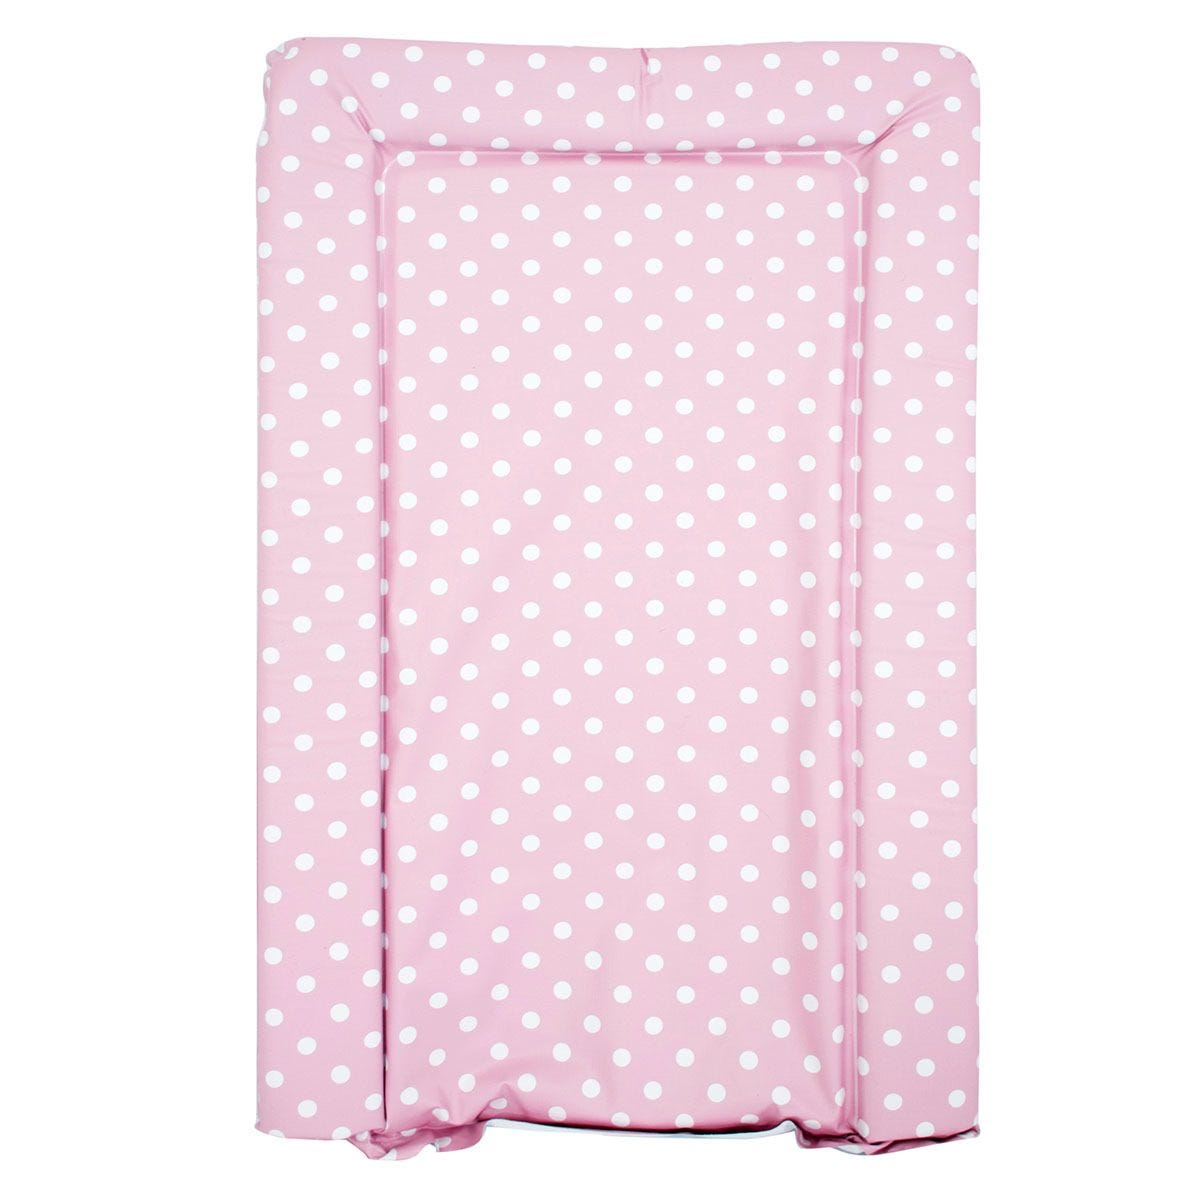 My Babiie Changing Mat - Pink Polka